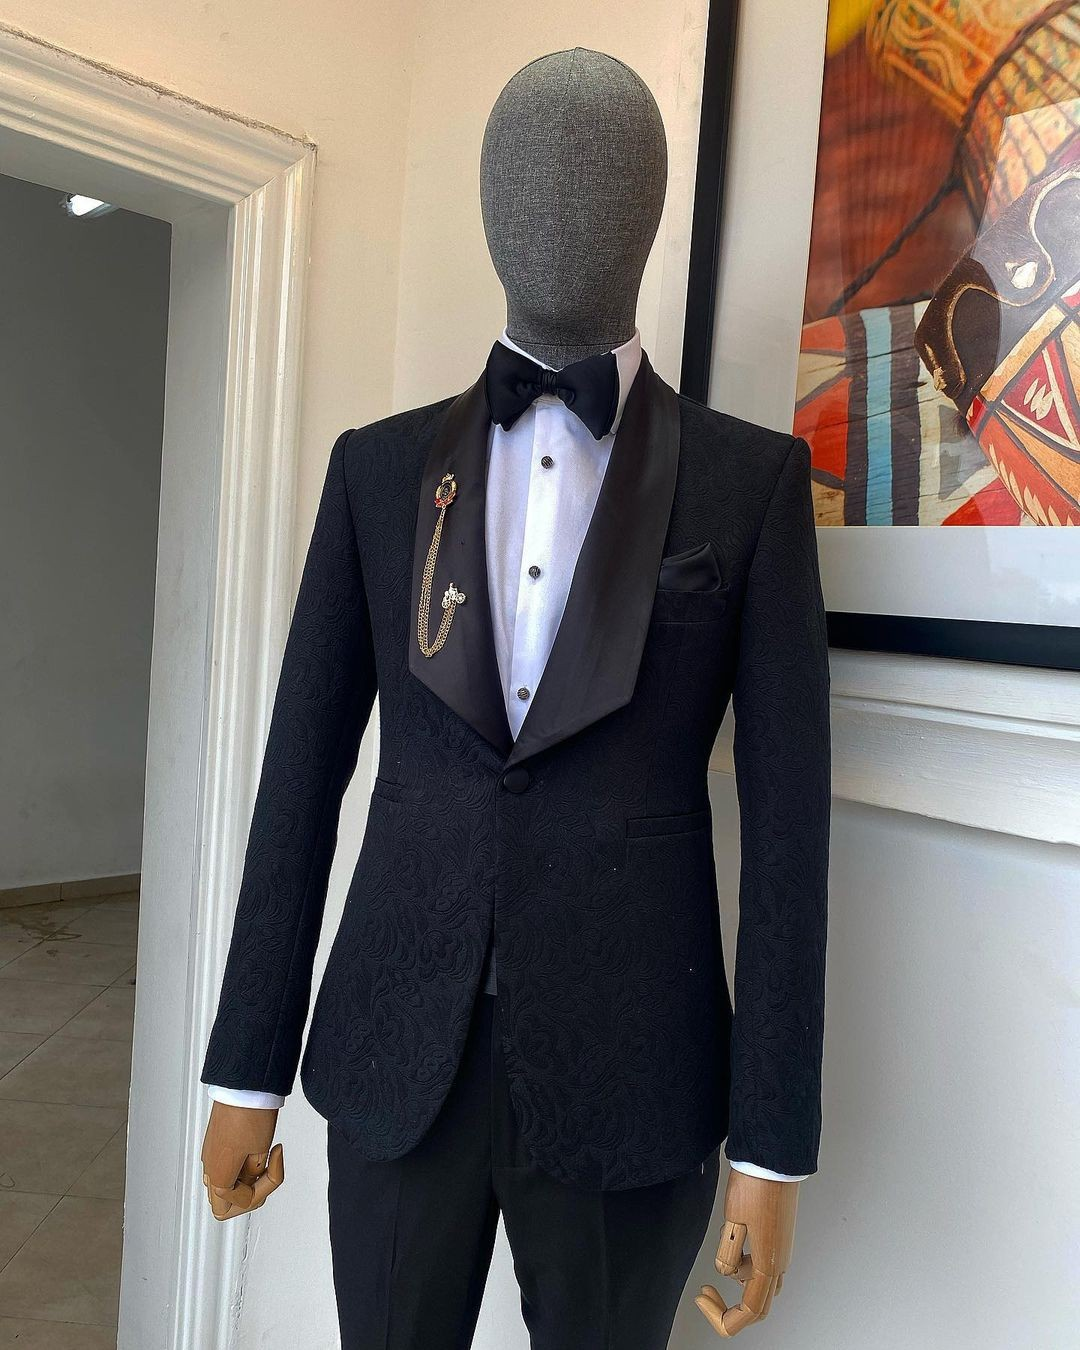 A Charcoal Black Floral Jacquard shawl lapel tuxedo suit